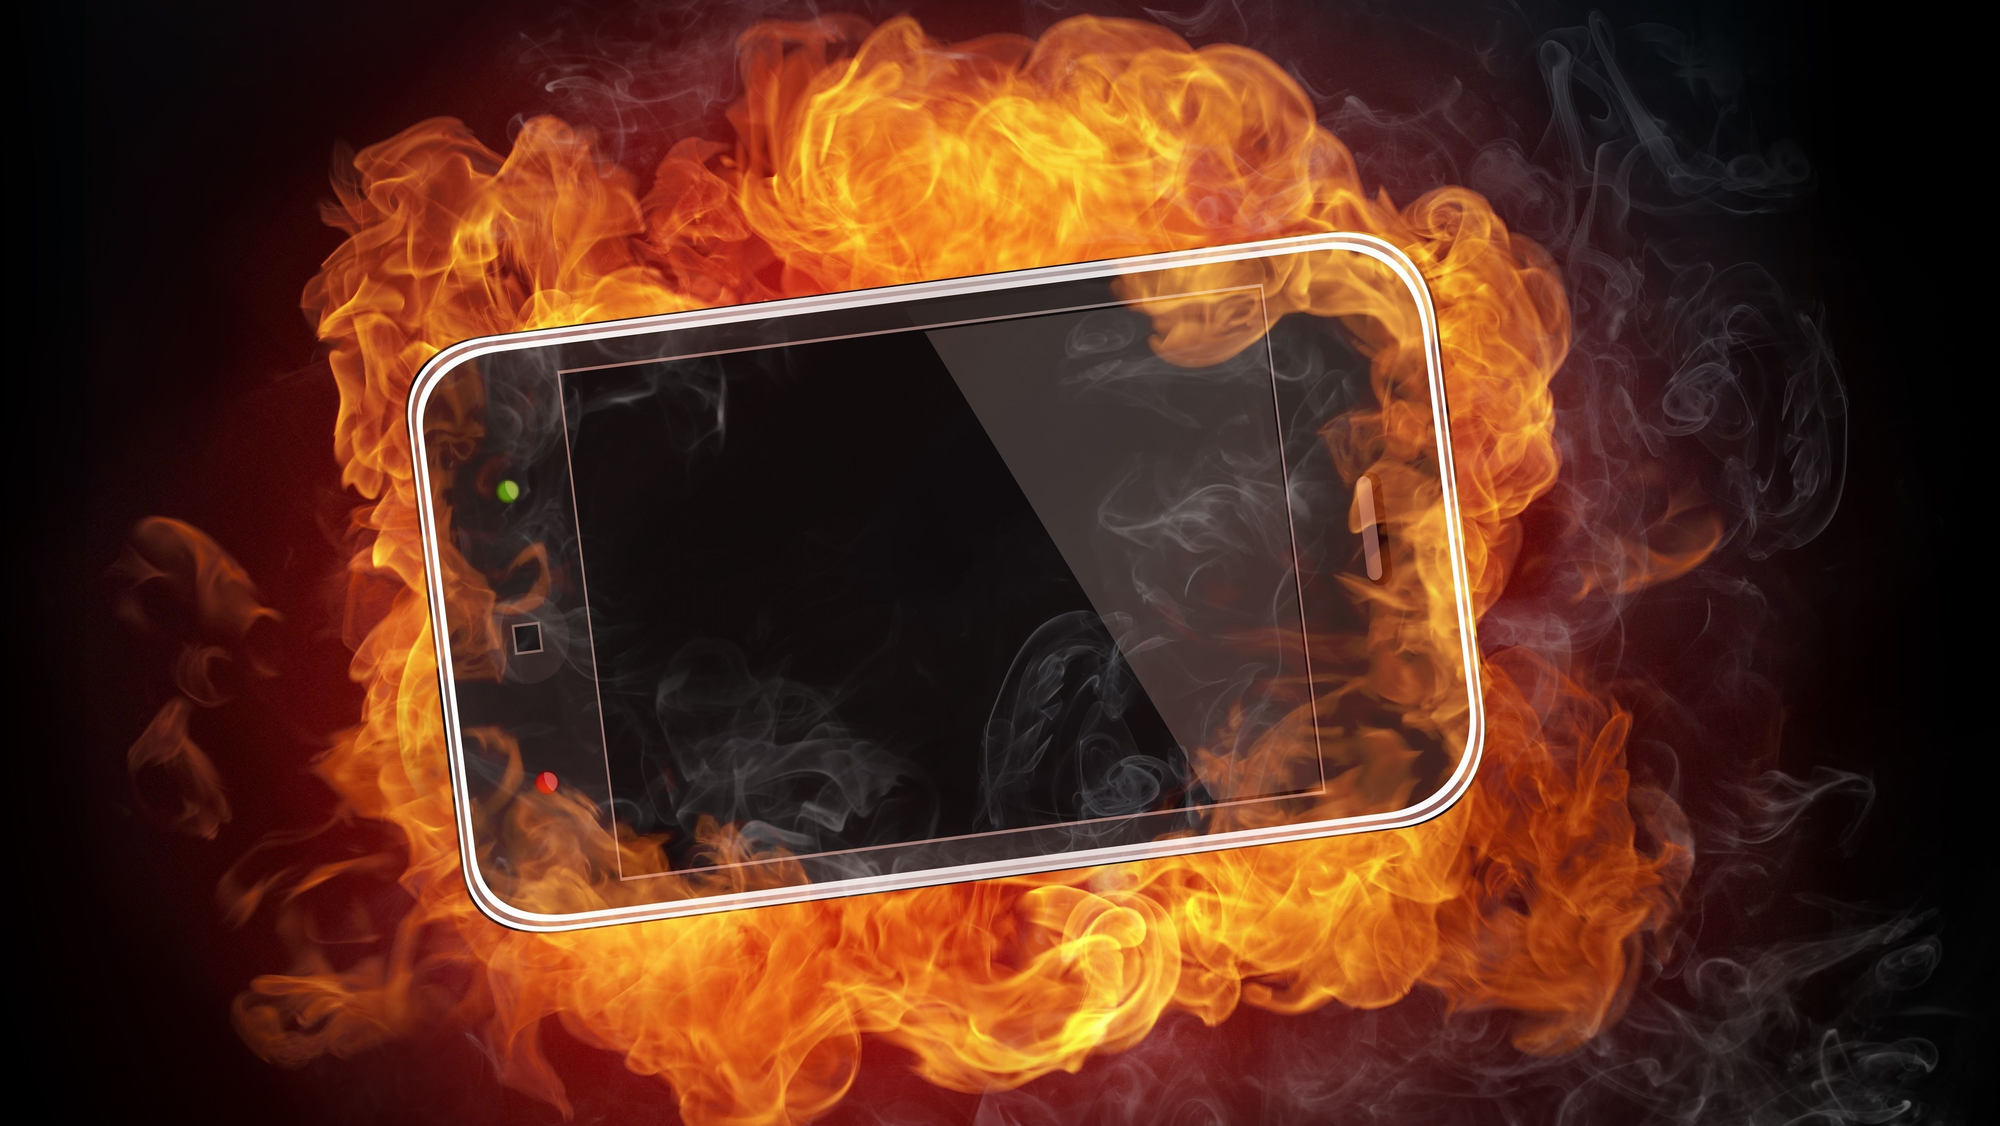 Brennende mobil.